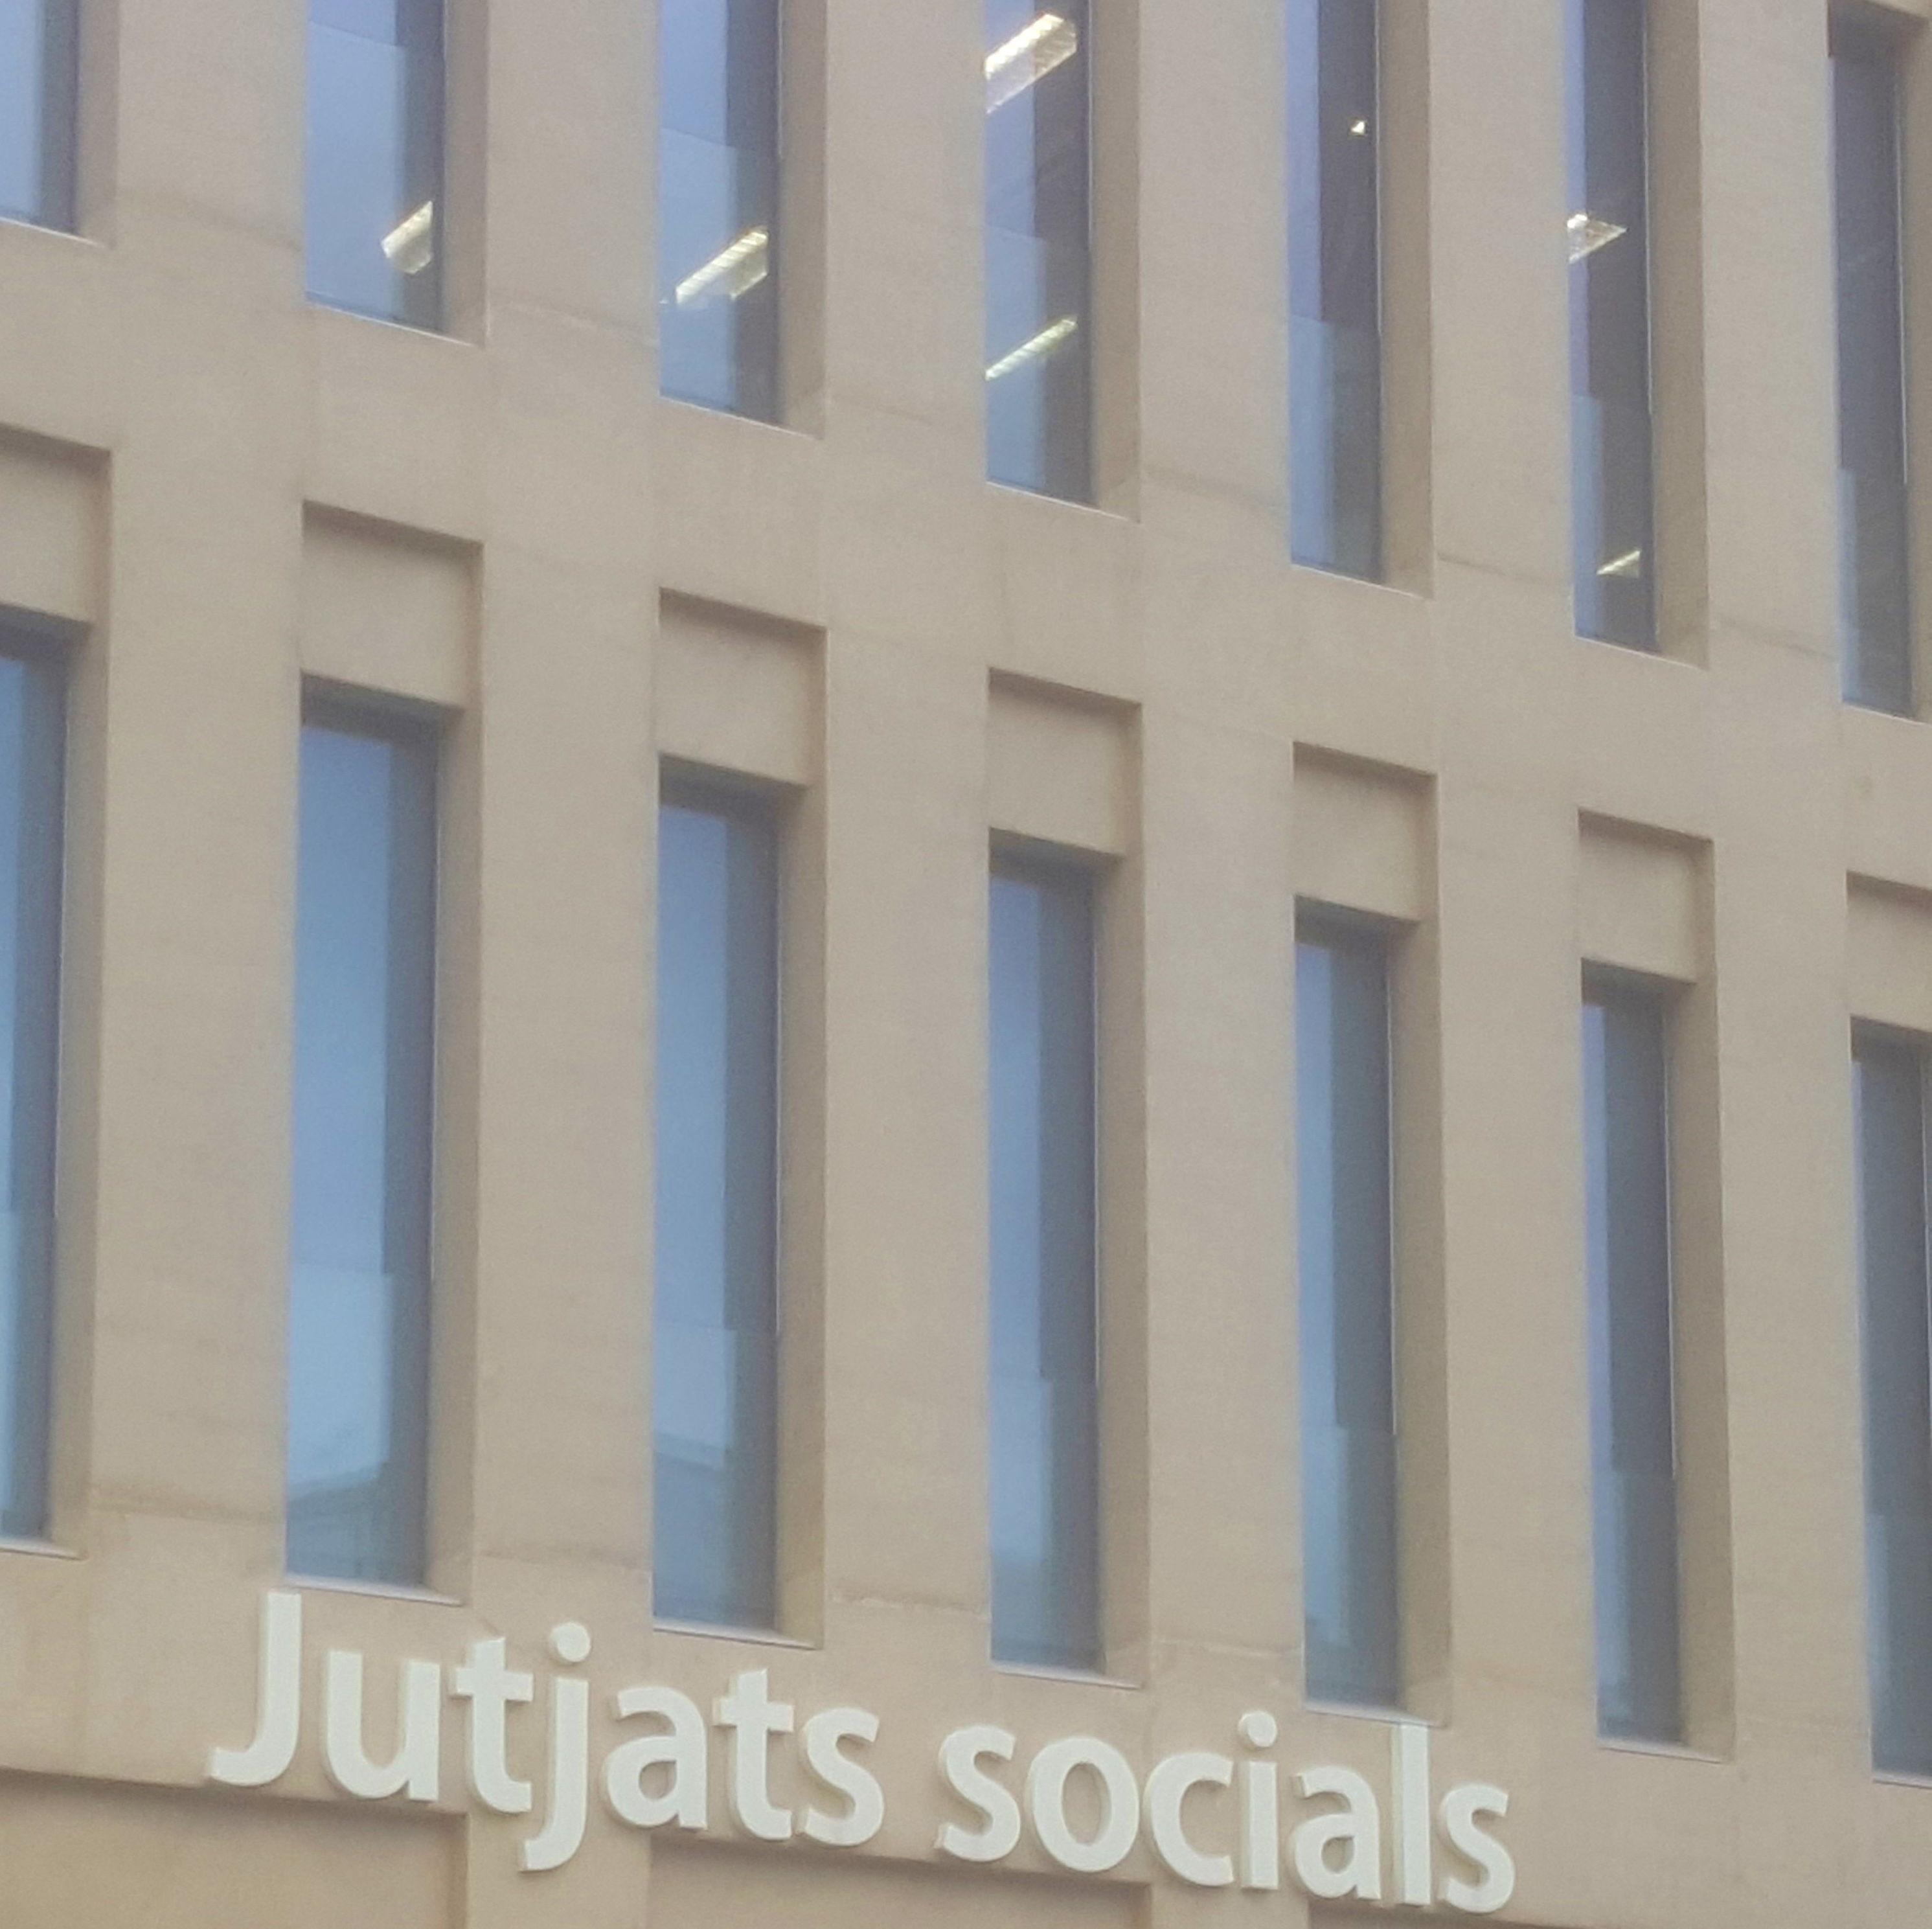 Jutjats socials